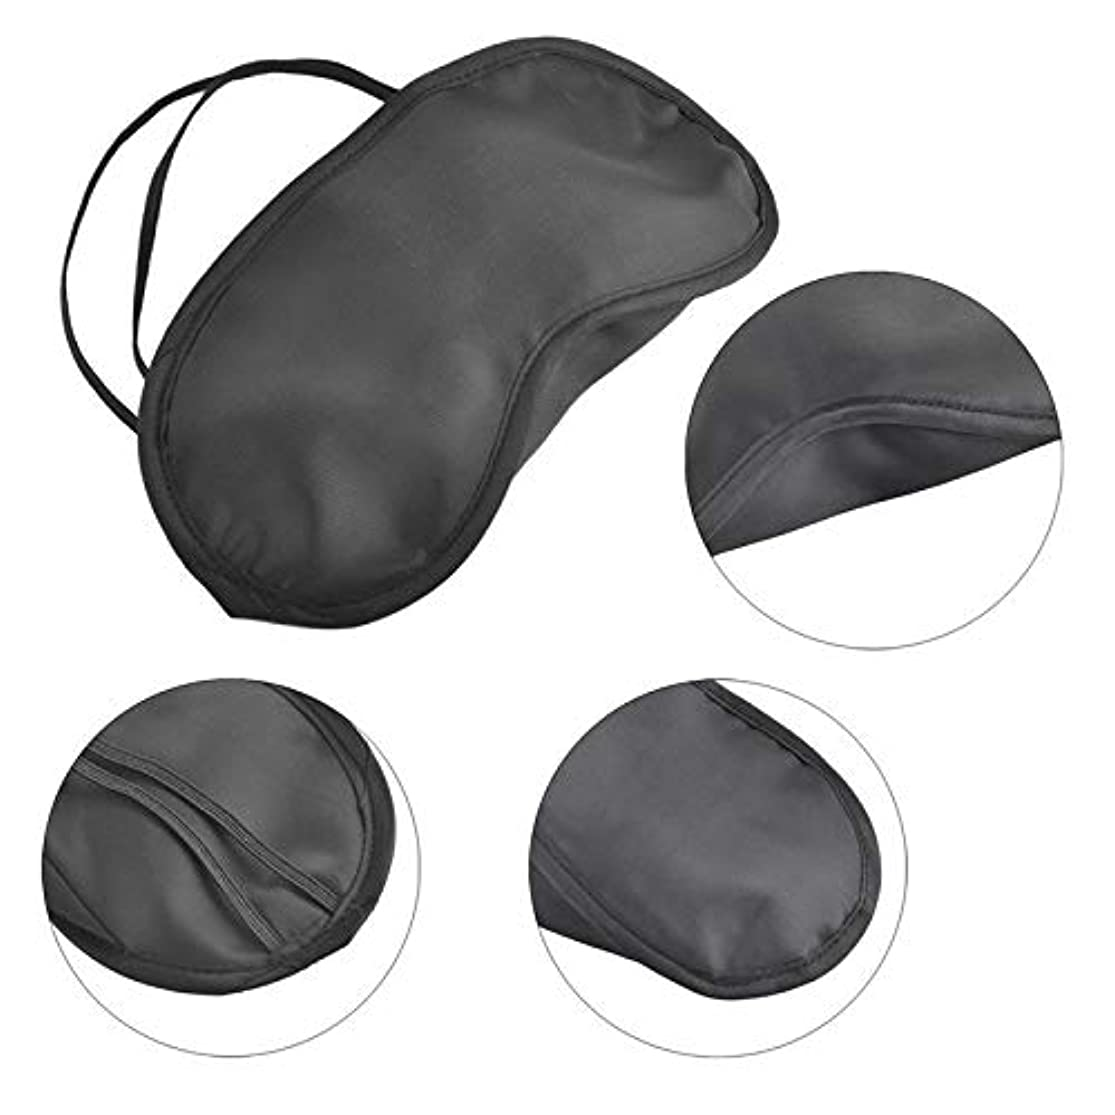 対象レガシー応援するNOTE 50ピーススリープマスクシェードナチュラルスリーピングアイアイシェードカバーアイパッチ女性男性ソフトポータブル目隠し旅行接眼加湿器